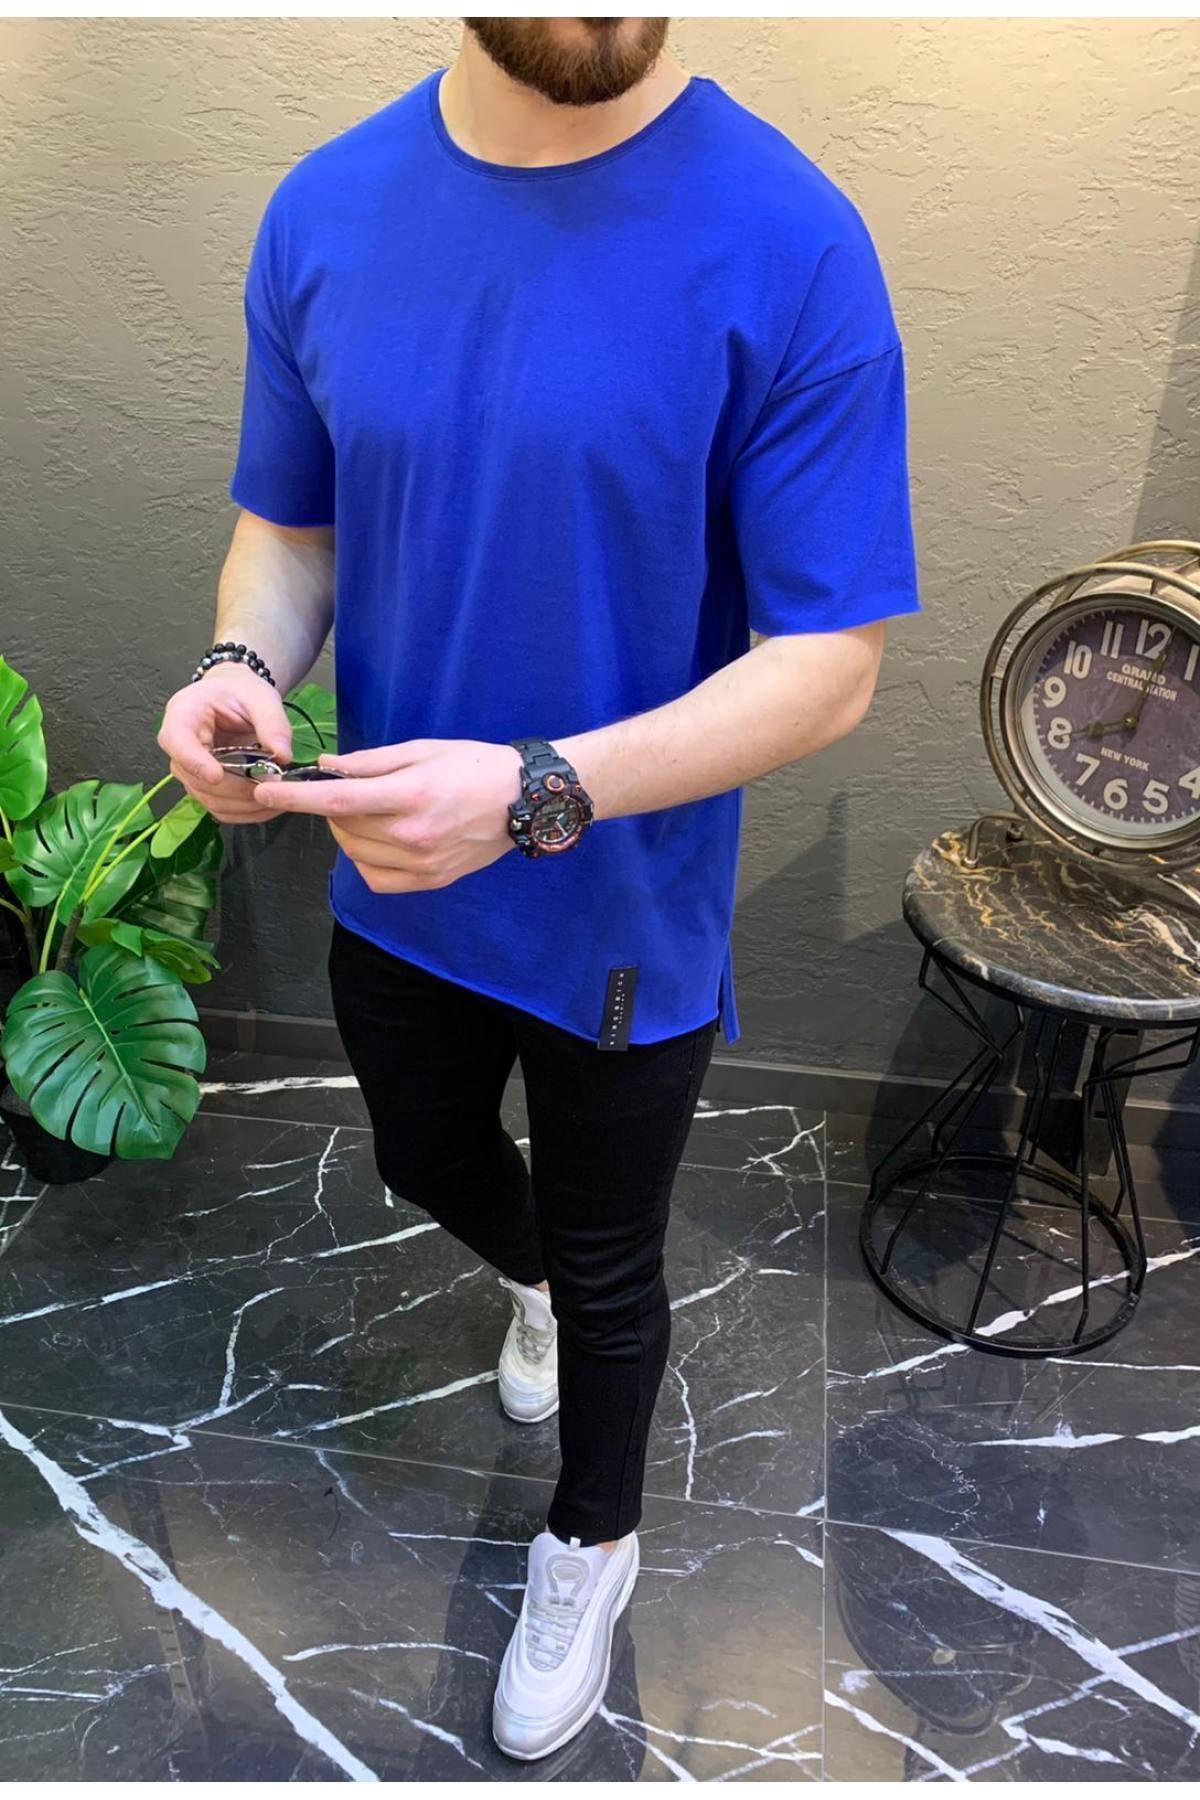 Yarım Oversize Yırtmaç Etek Pamuklu Kısa Kol Basic Saks T-shirt